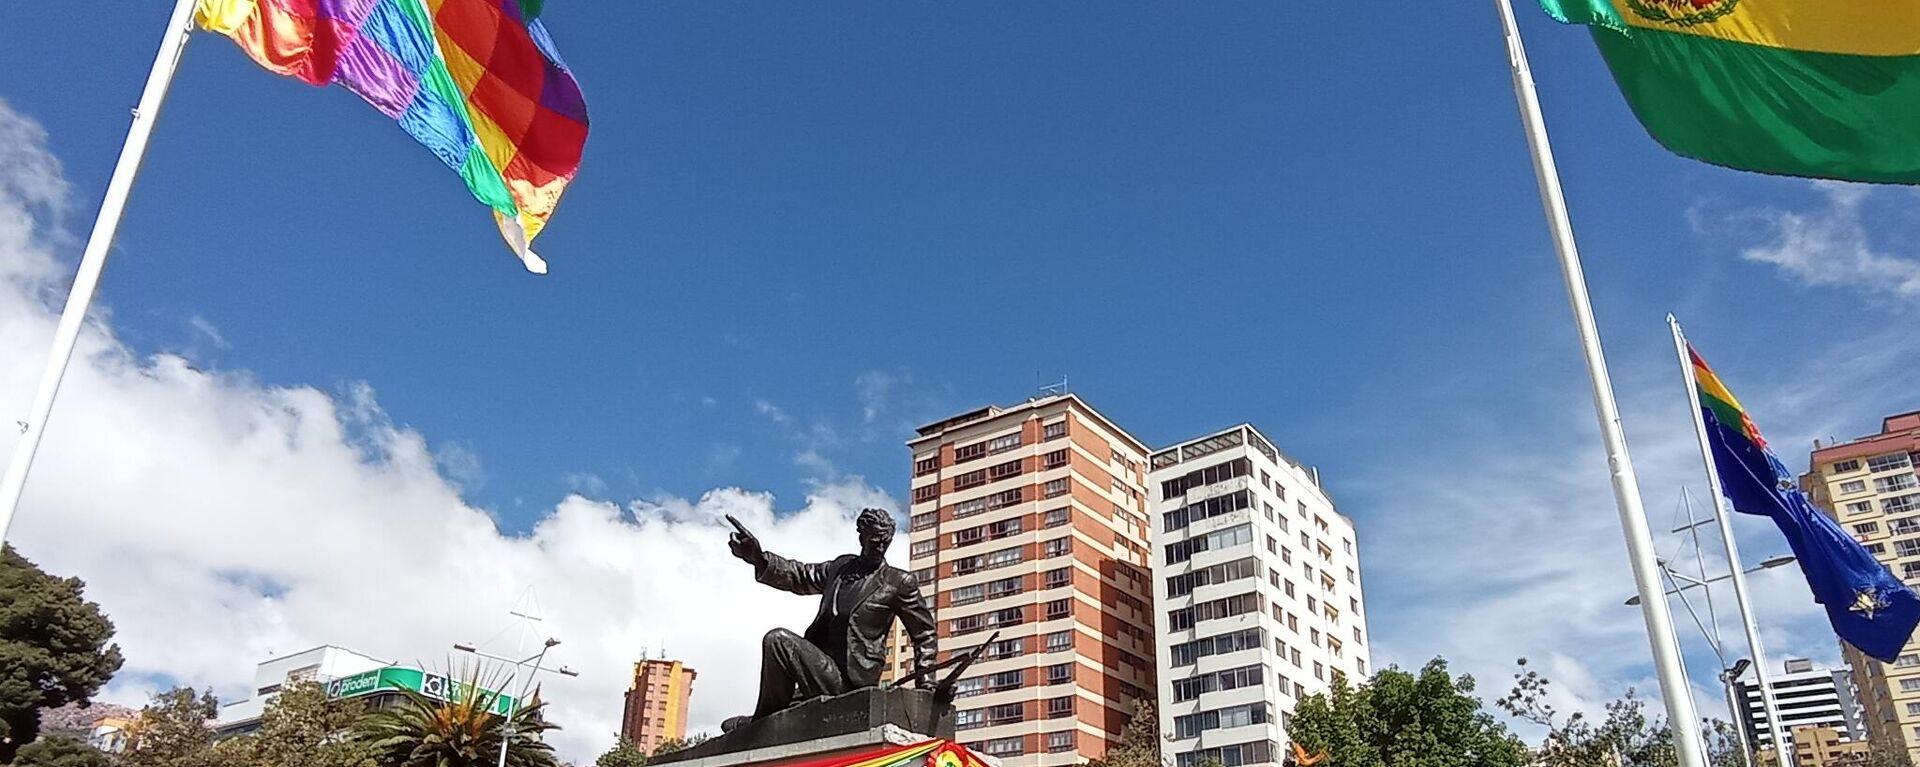 Acto en conmemoración al Día del Mar en Bolivia - Sputnik Mundo, 1920, 24.03.2021